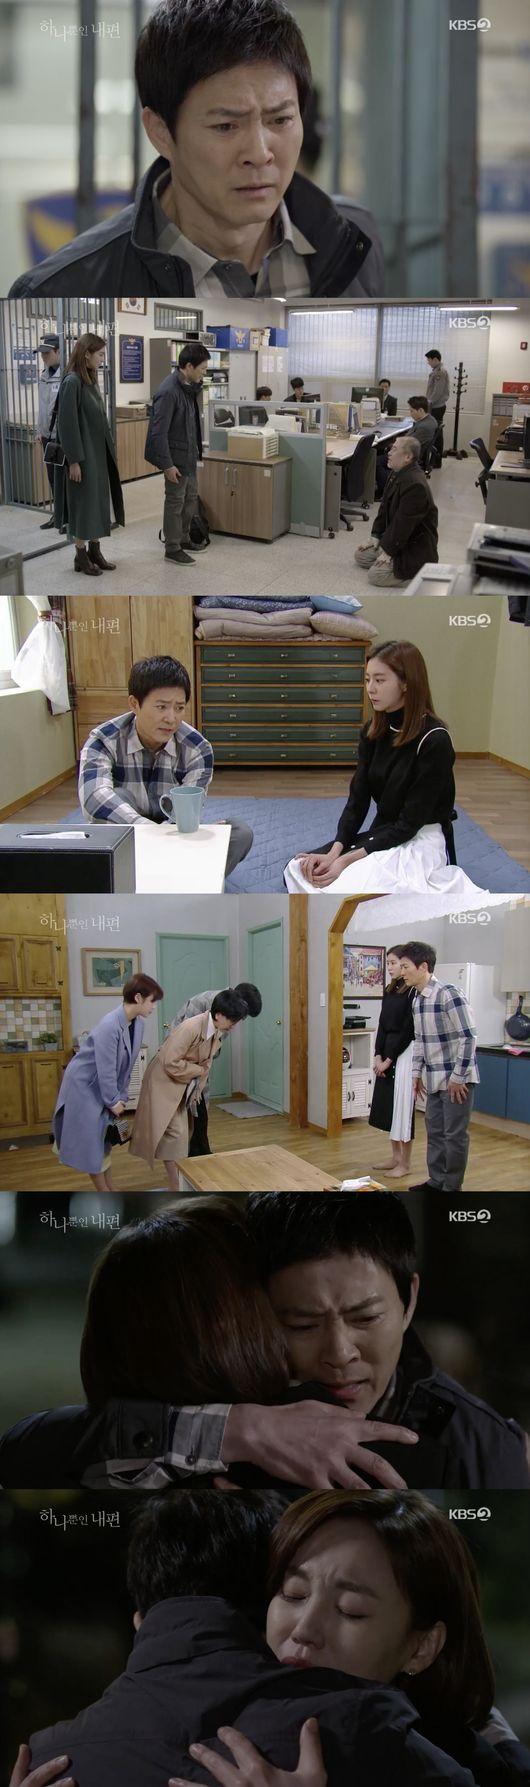 '하나뿐인 내편' 누명 벗은 최수종, 진경과 알콩달콩 꽃길 시작 [Oh!쎈 리뷰]